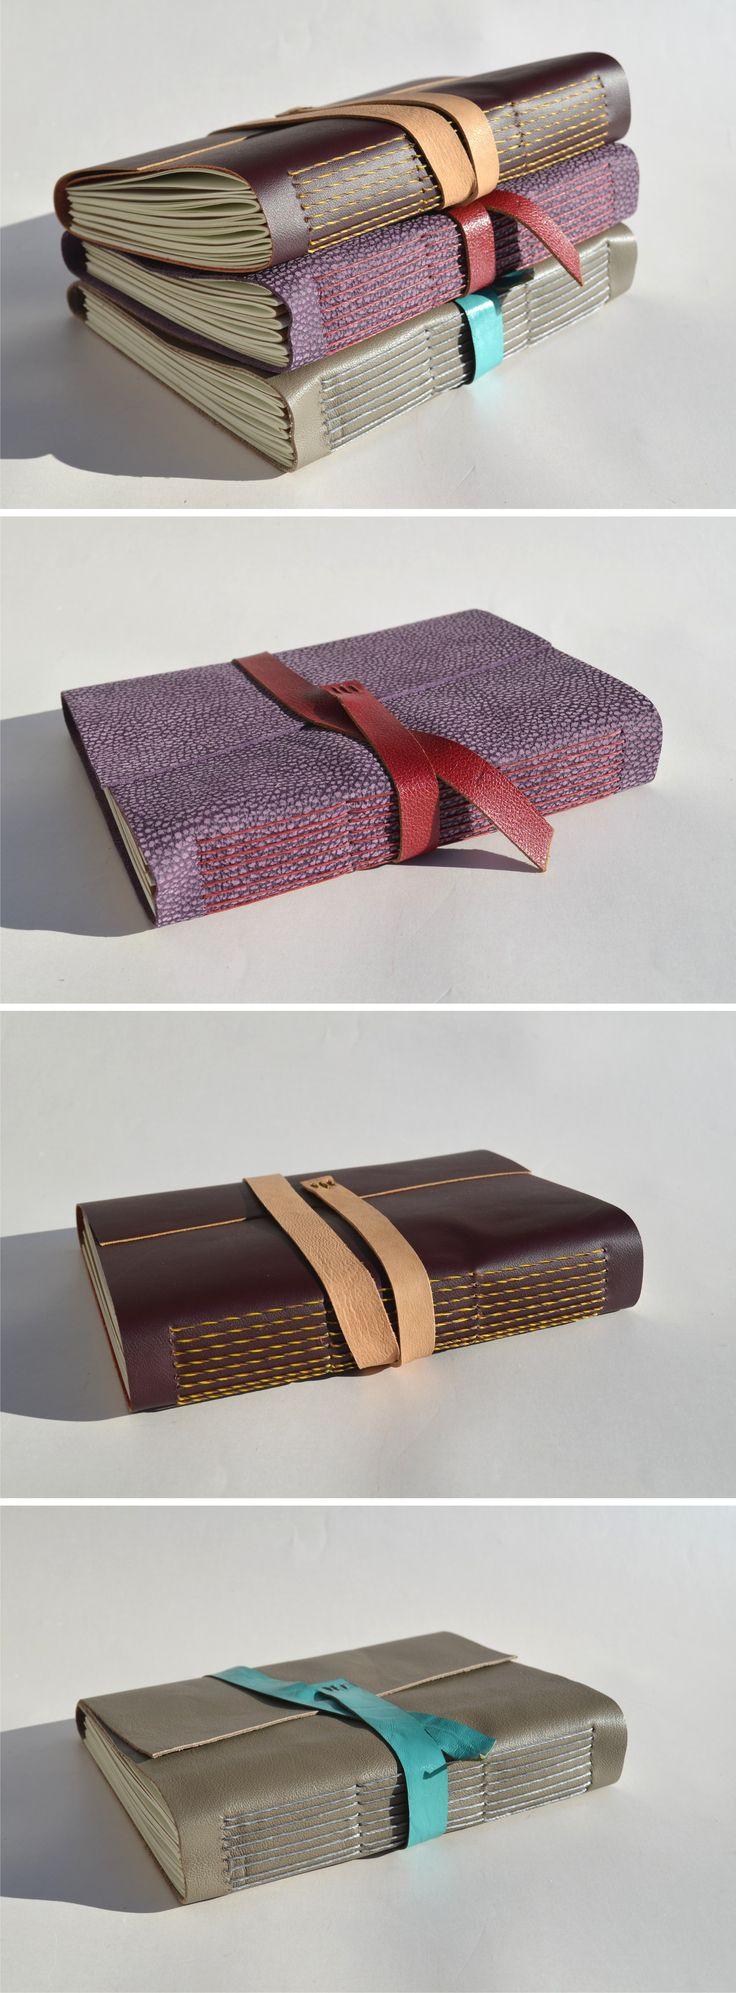 Diarios de viaje . Encontralos en Las Huellas – El Calafate Encuadernación costura expuesta en Cuero en diversos colores y texturas Calendarios 2014/2015/2016 6 Secciones: organizador anual …